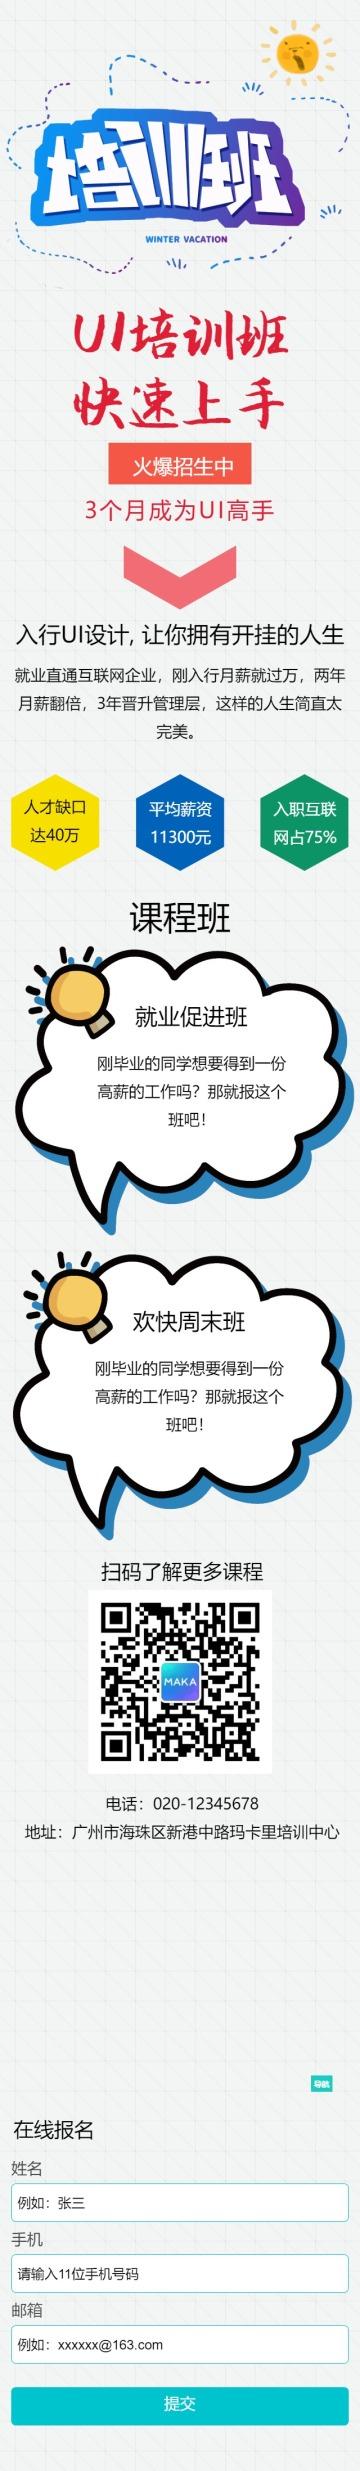 简约扁平文艺UI课程招生培训单页宣传活动推广